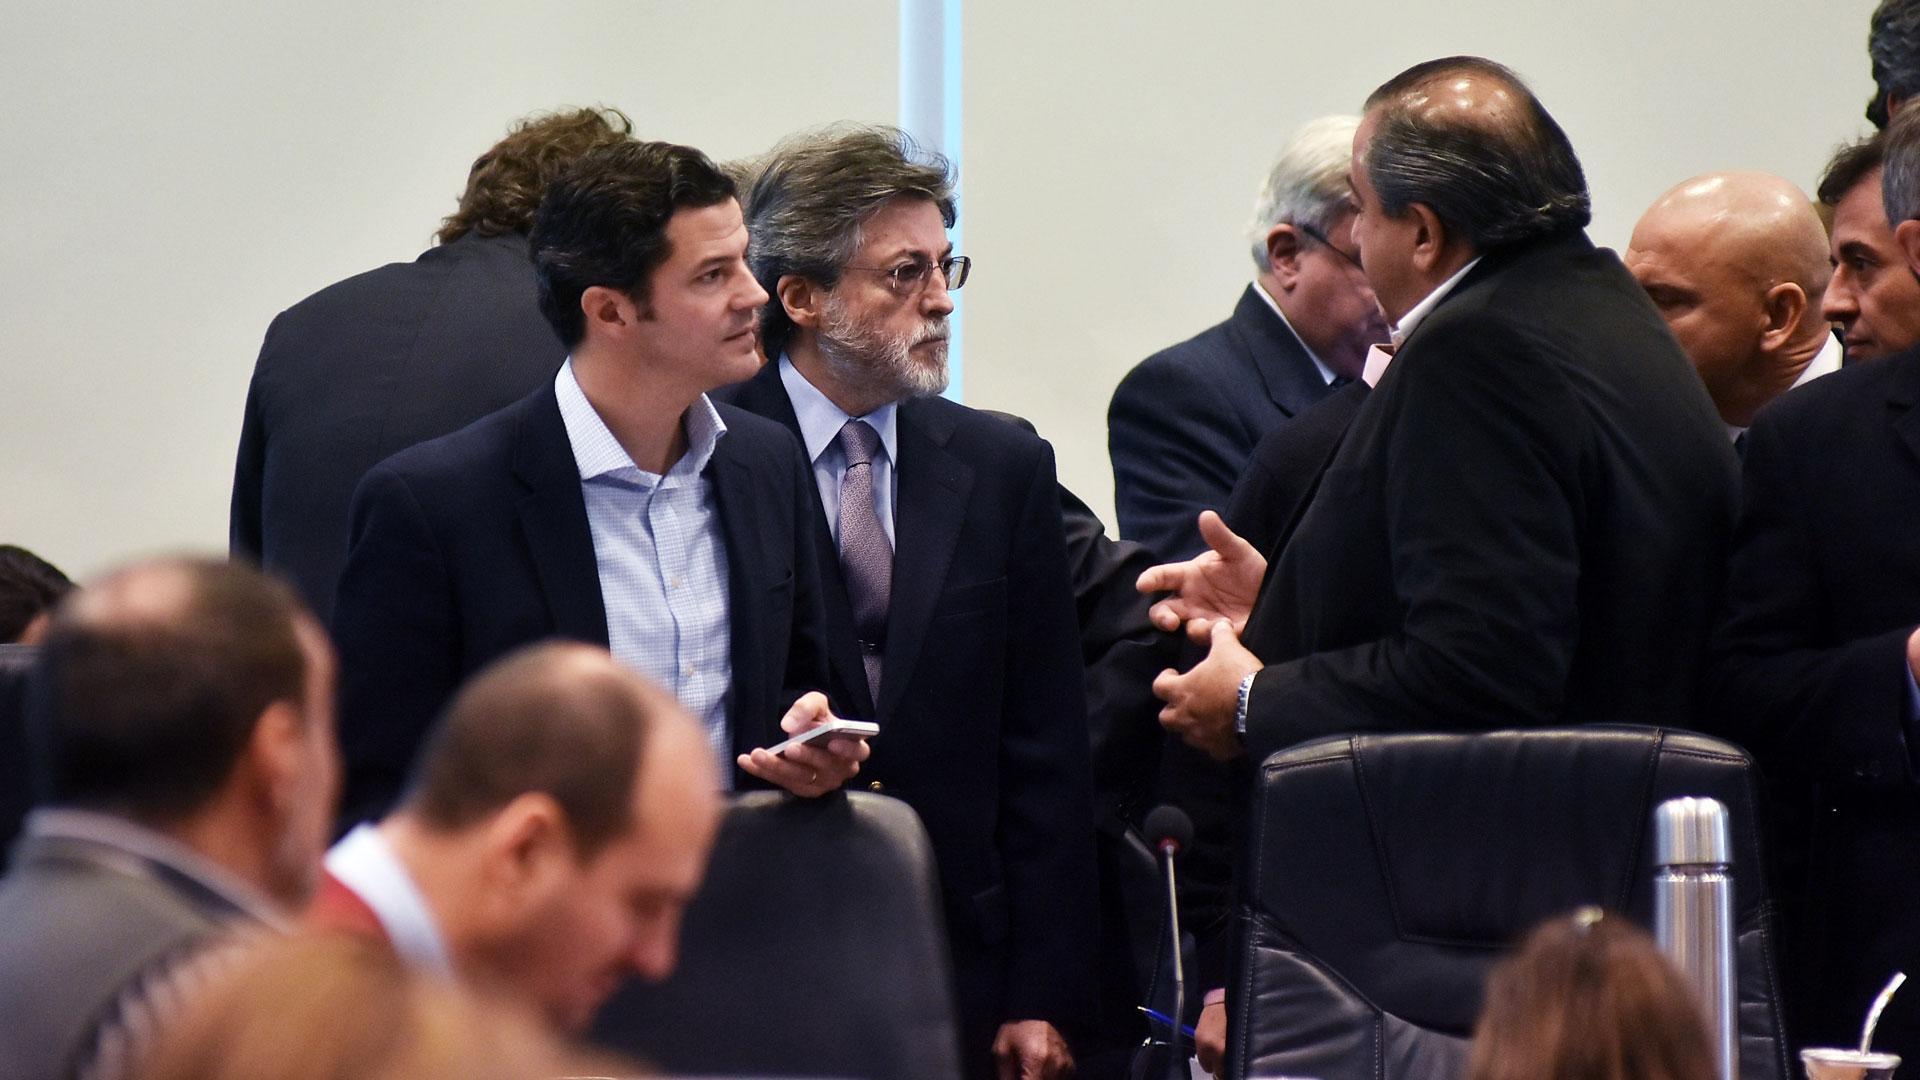 ALberto Abad (AFIP) y Luciano Laspina (Presidente de la Comisión de Presupuesto y Hacienda de la Cámara baja) explicaron los alcances de la medida (DyN)